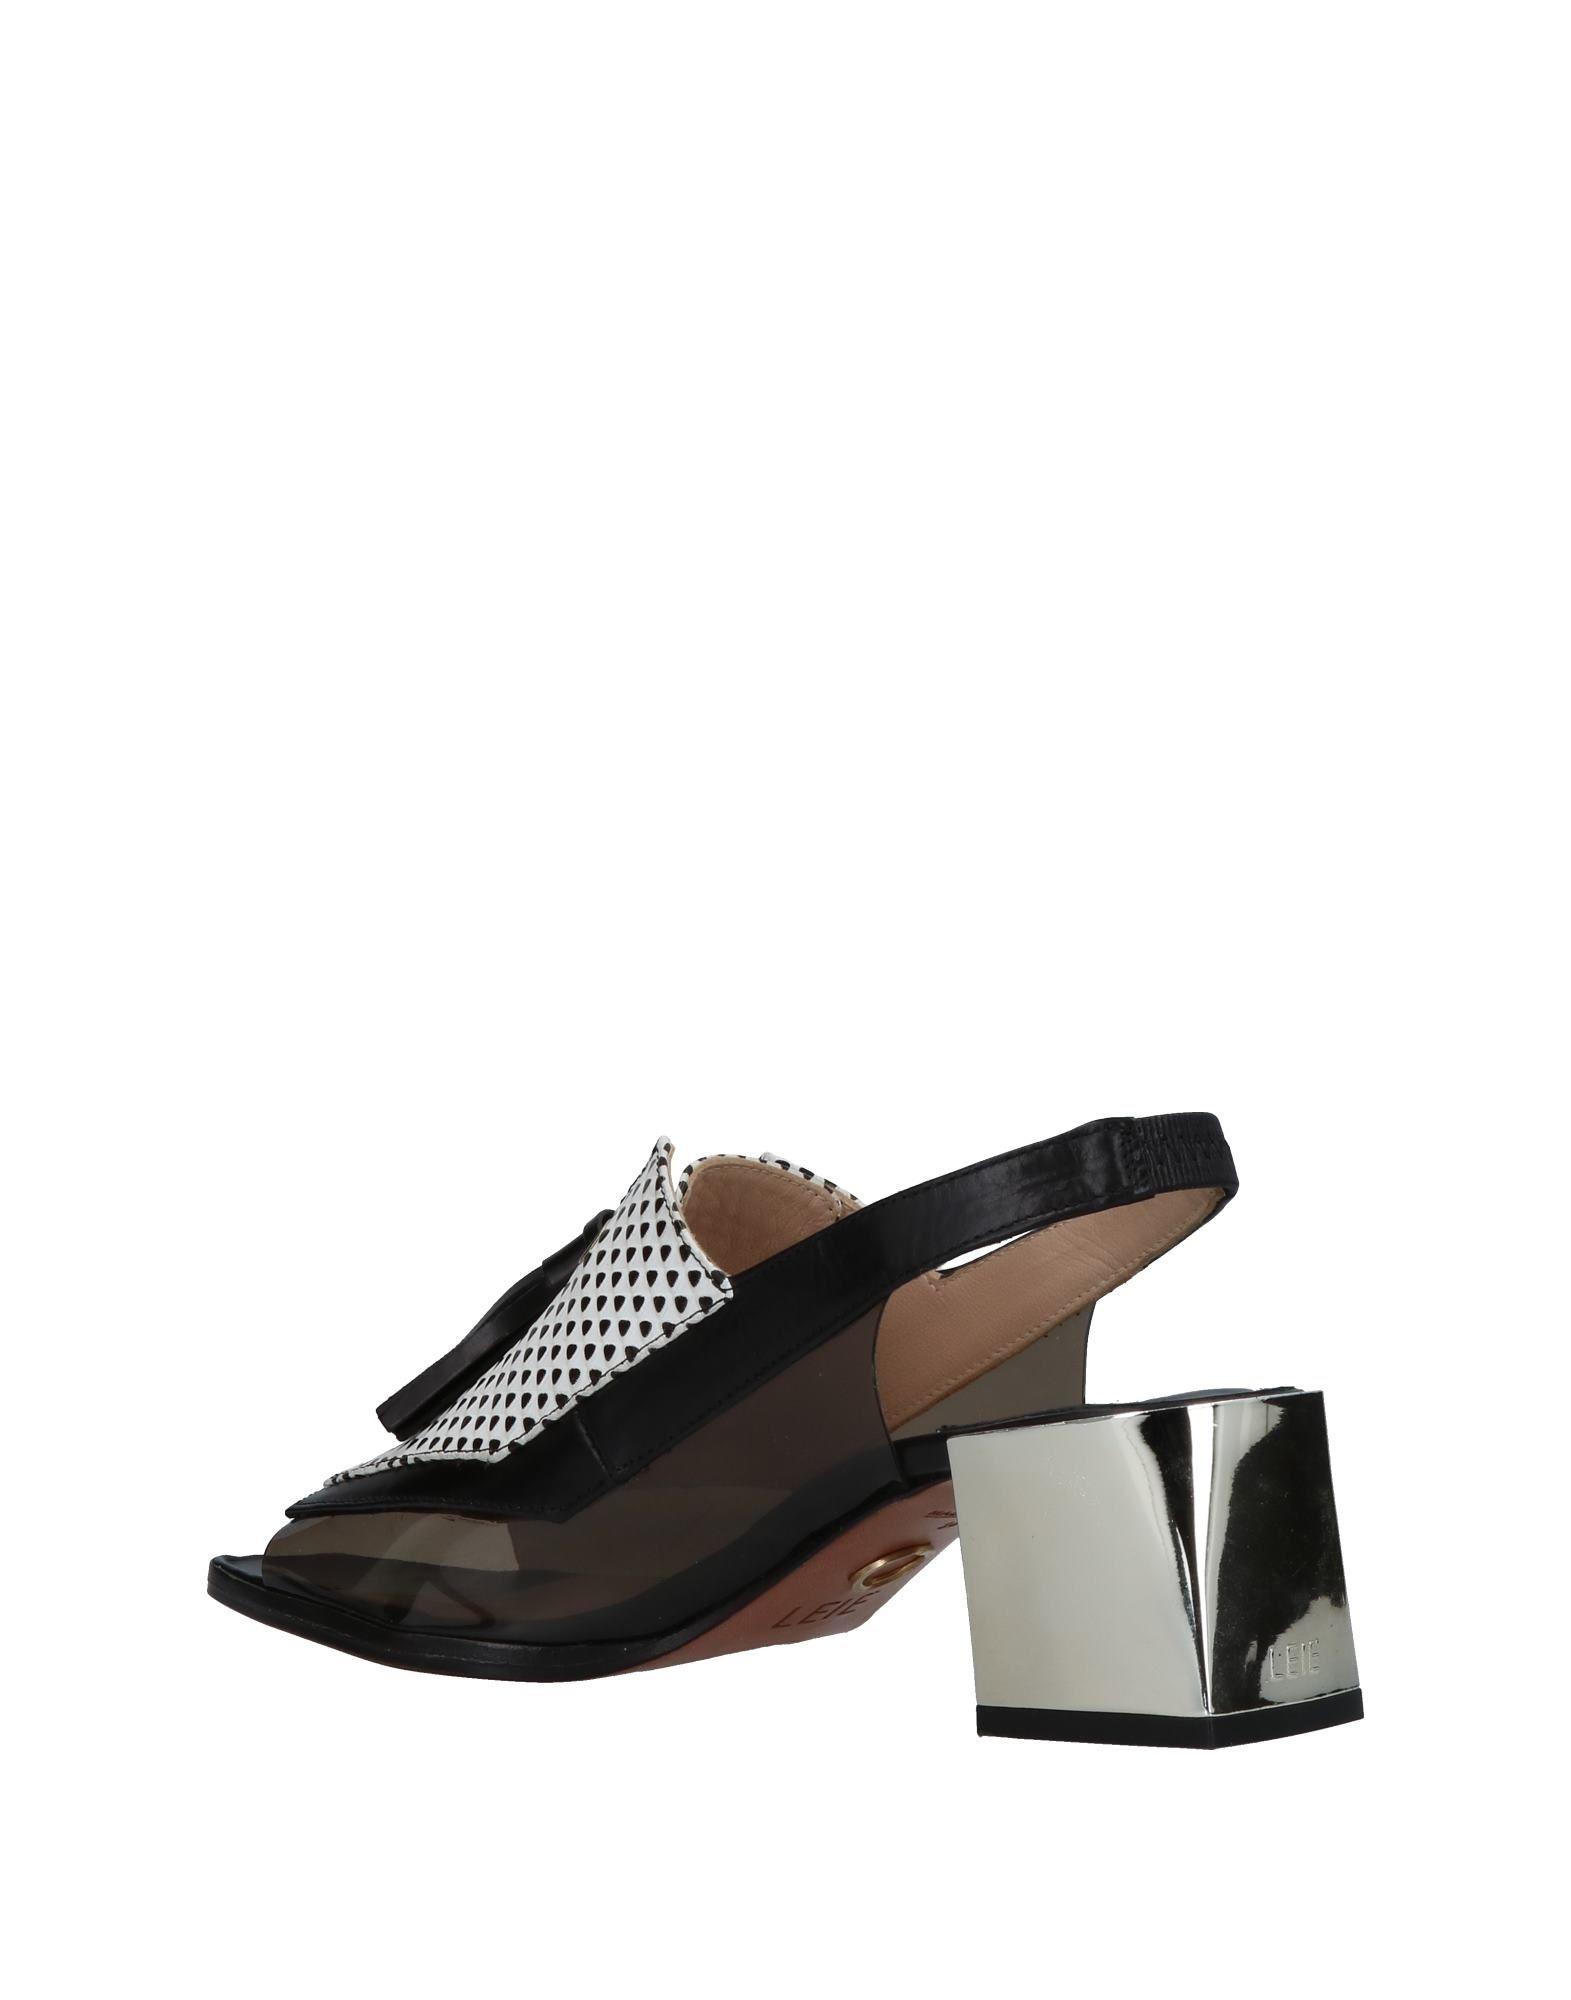 Sandales Leie Femme - Sandales Leie sur